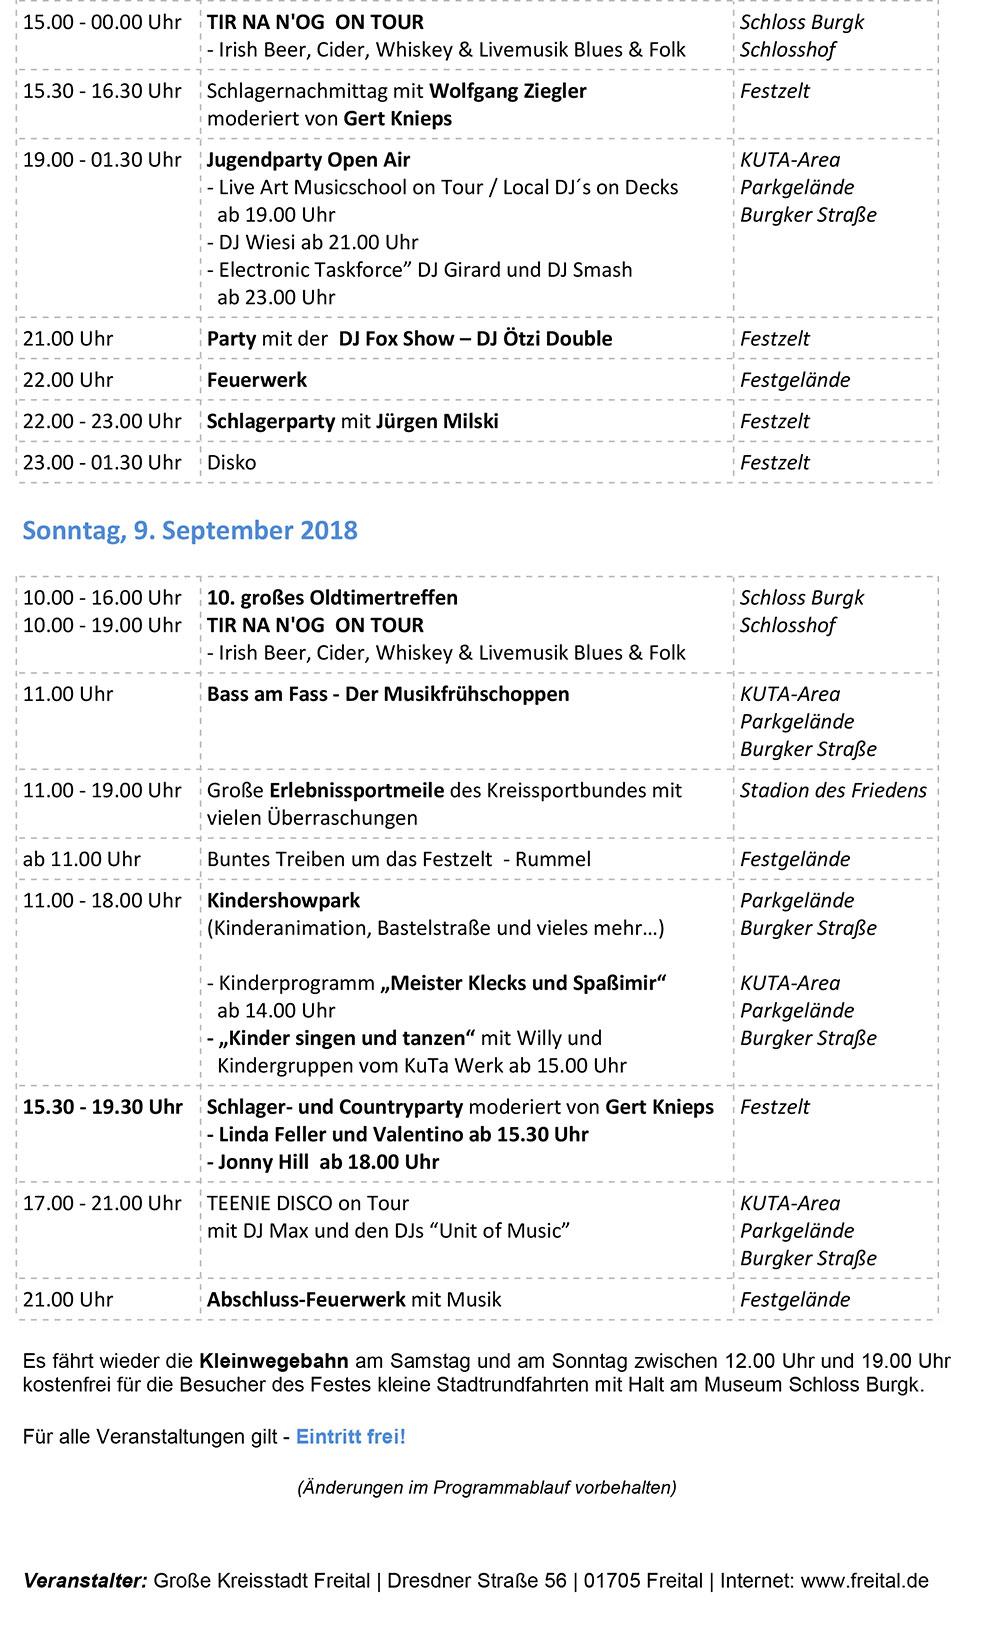 Programm Windbergfest Freital 2018 Blatt 2